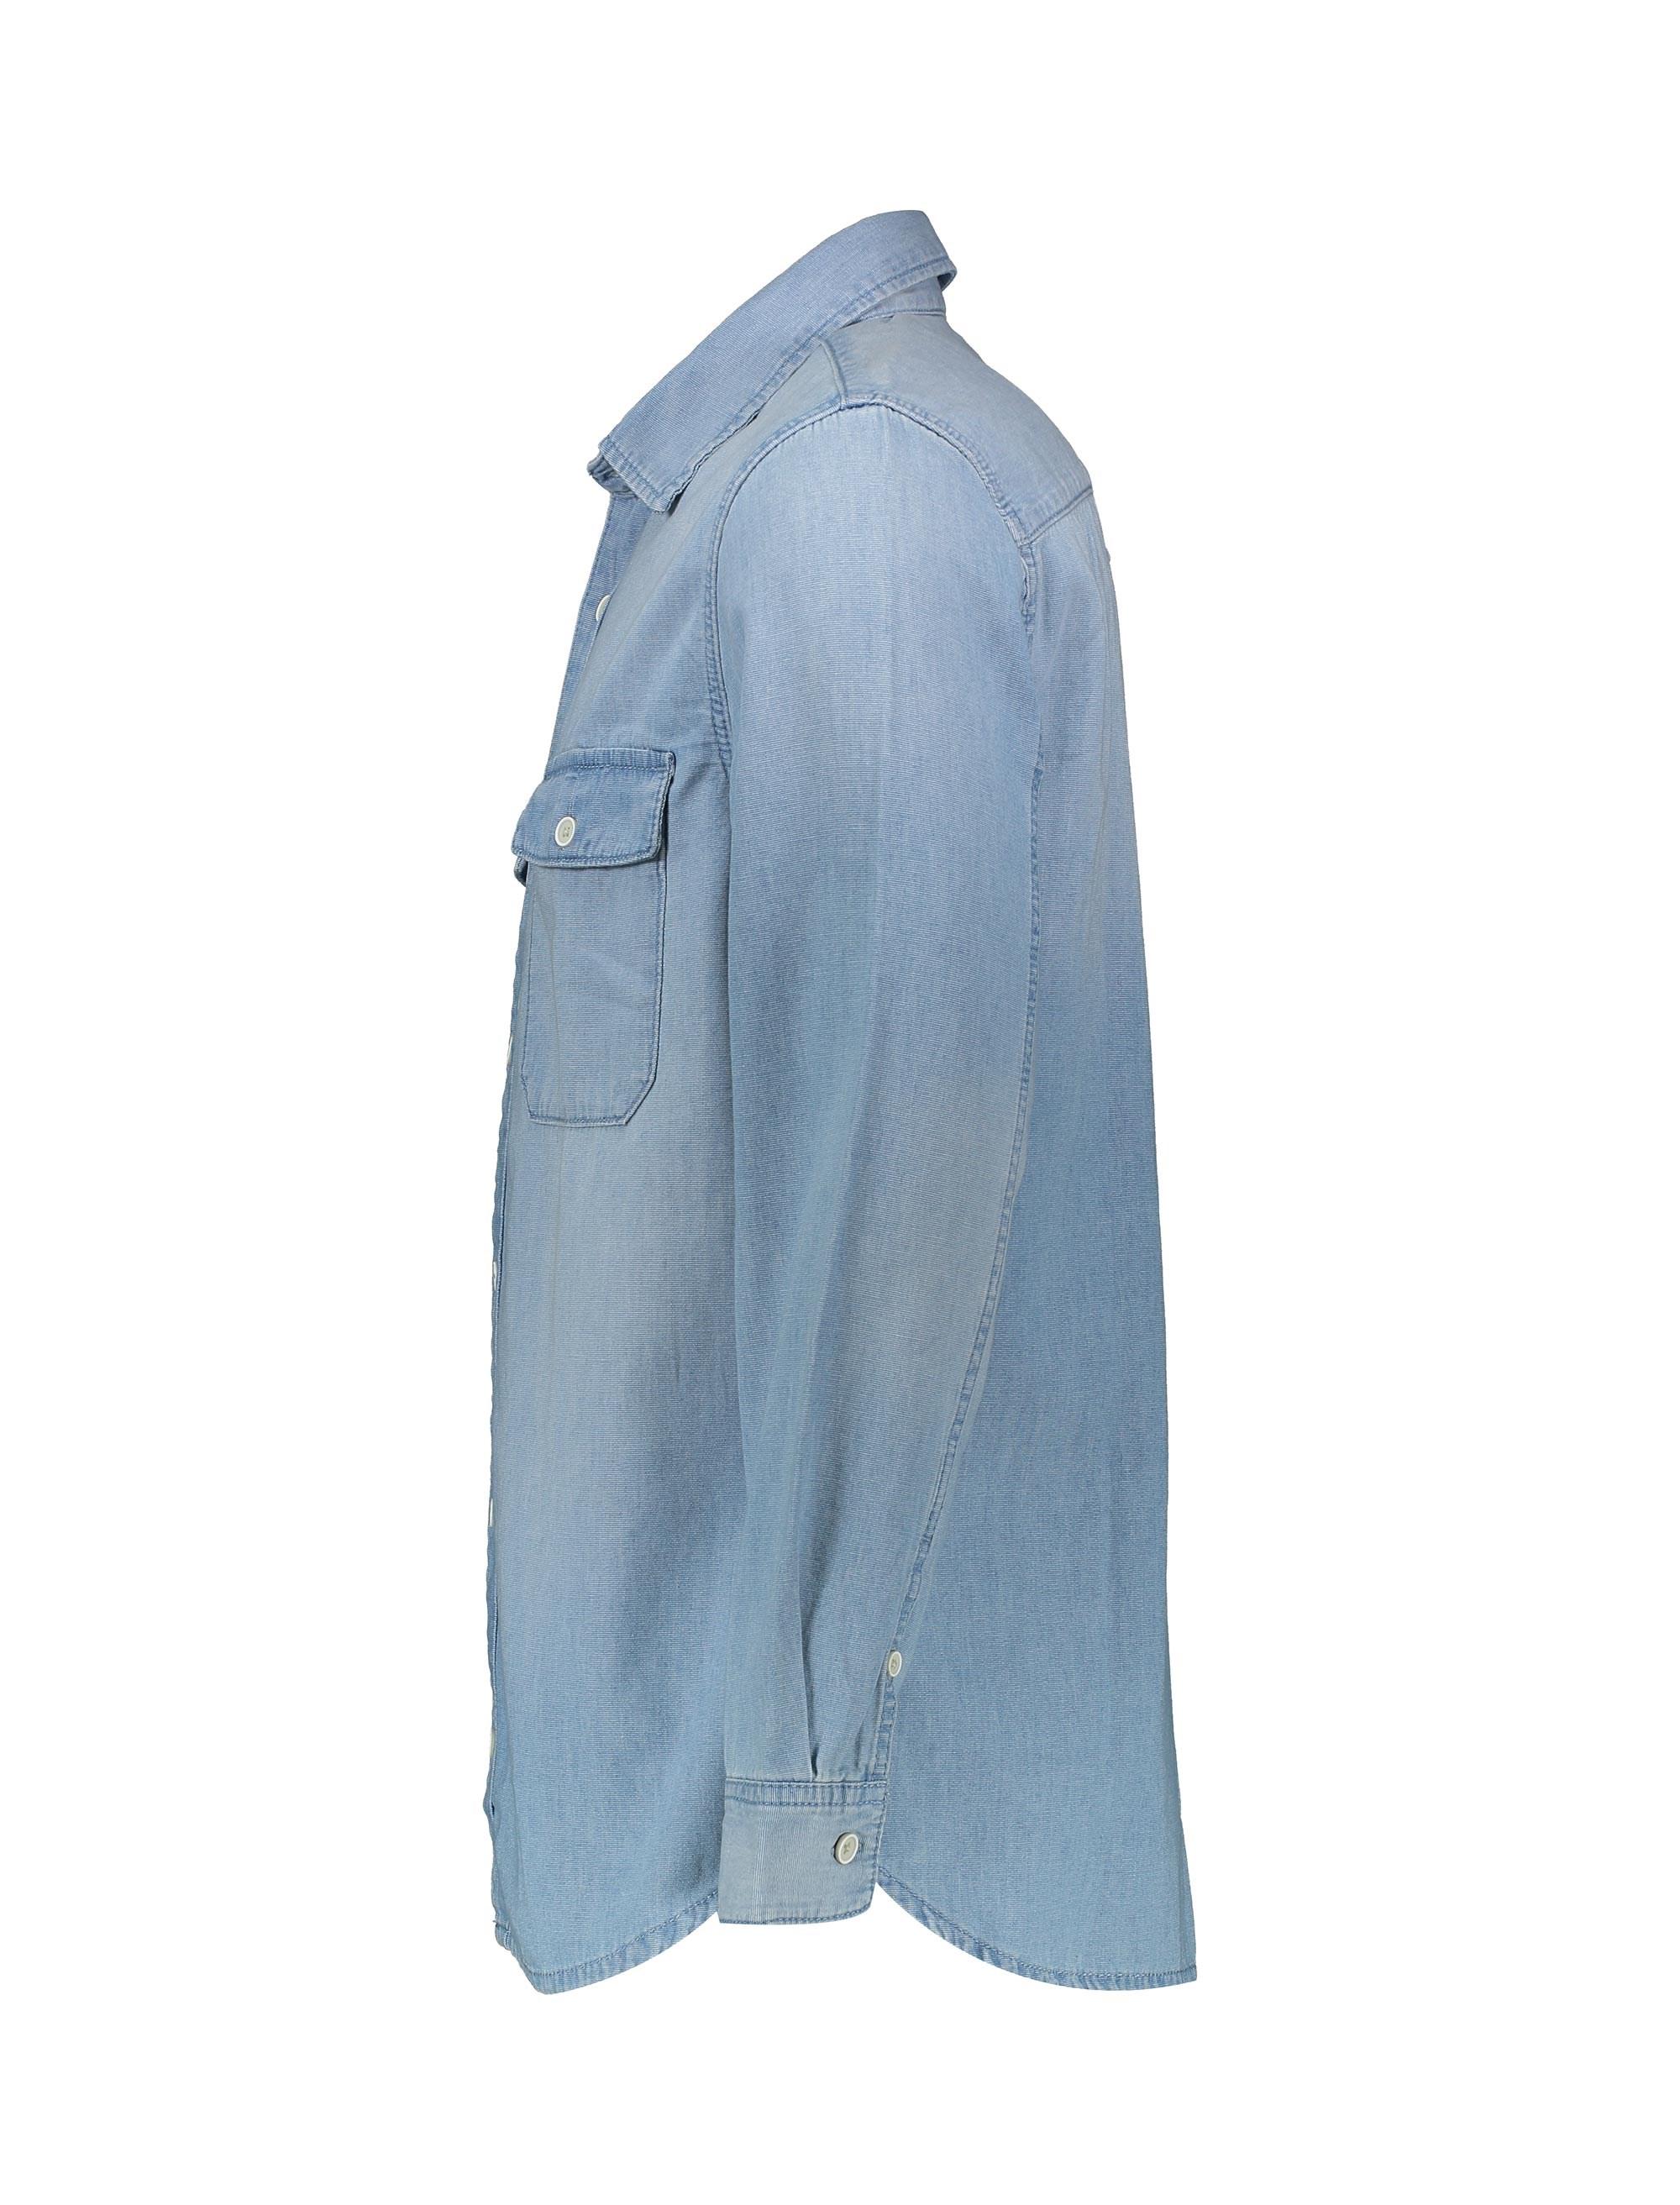 پیراهن جین آستین بلند مردانه - مانگو - آبي - 4